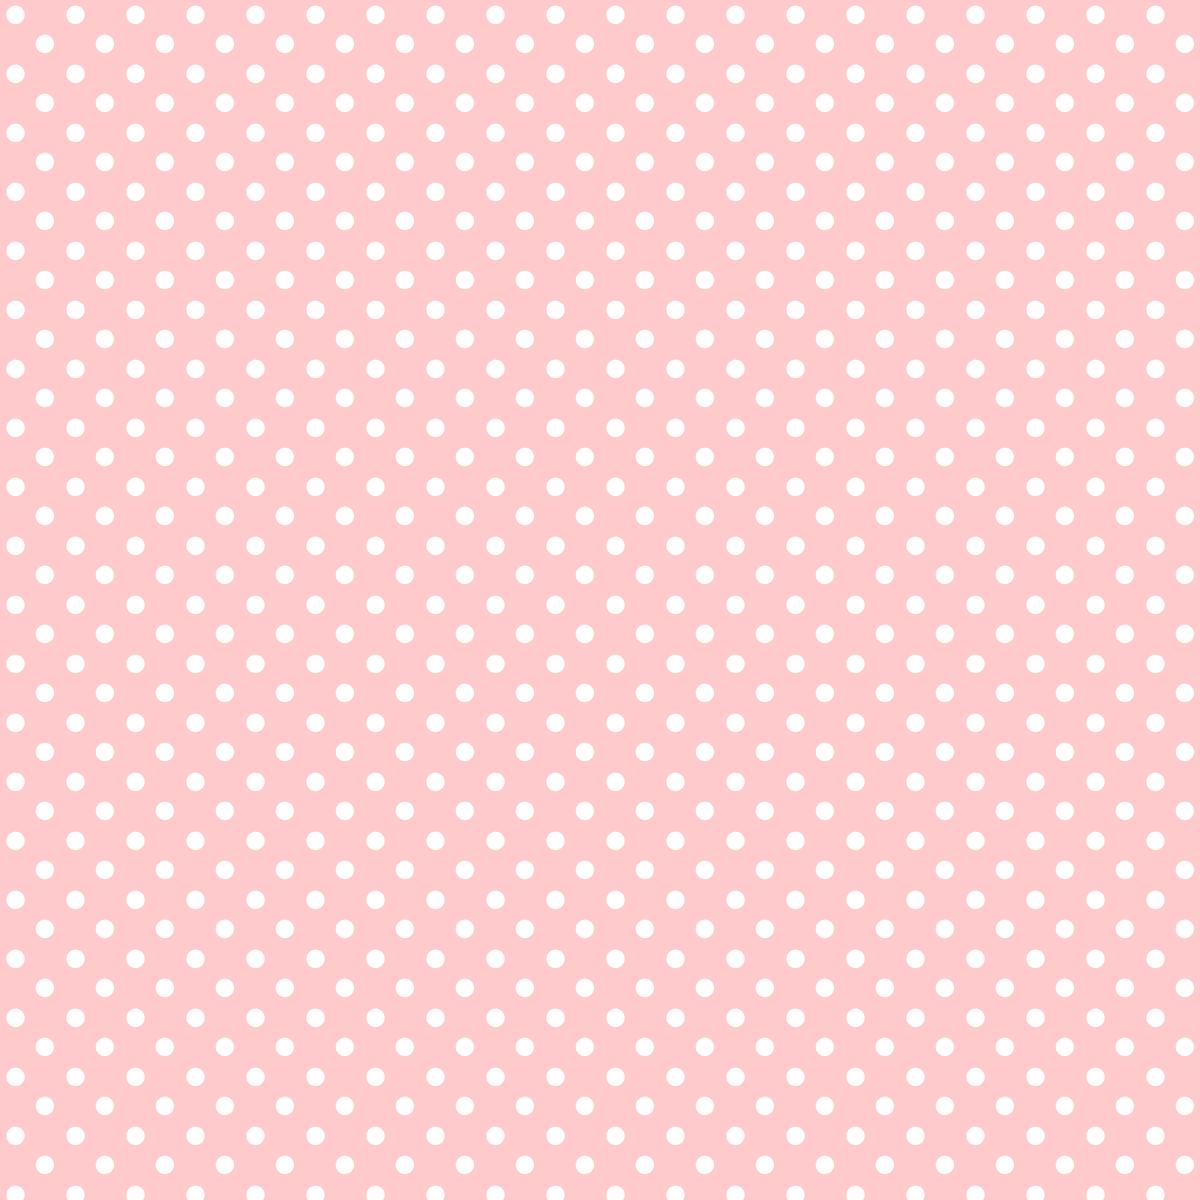 """La Vie En Rose"""": Free Printable Digital Scrapbooking Paper – Polka - Free Printable Pink Polka Dot Paper"""